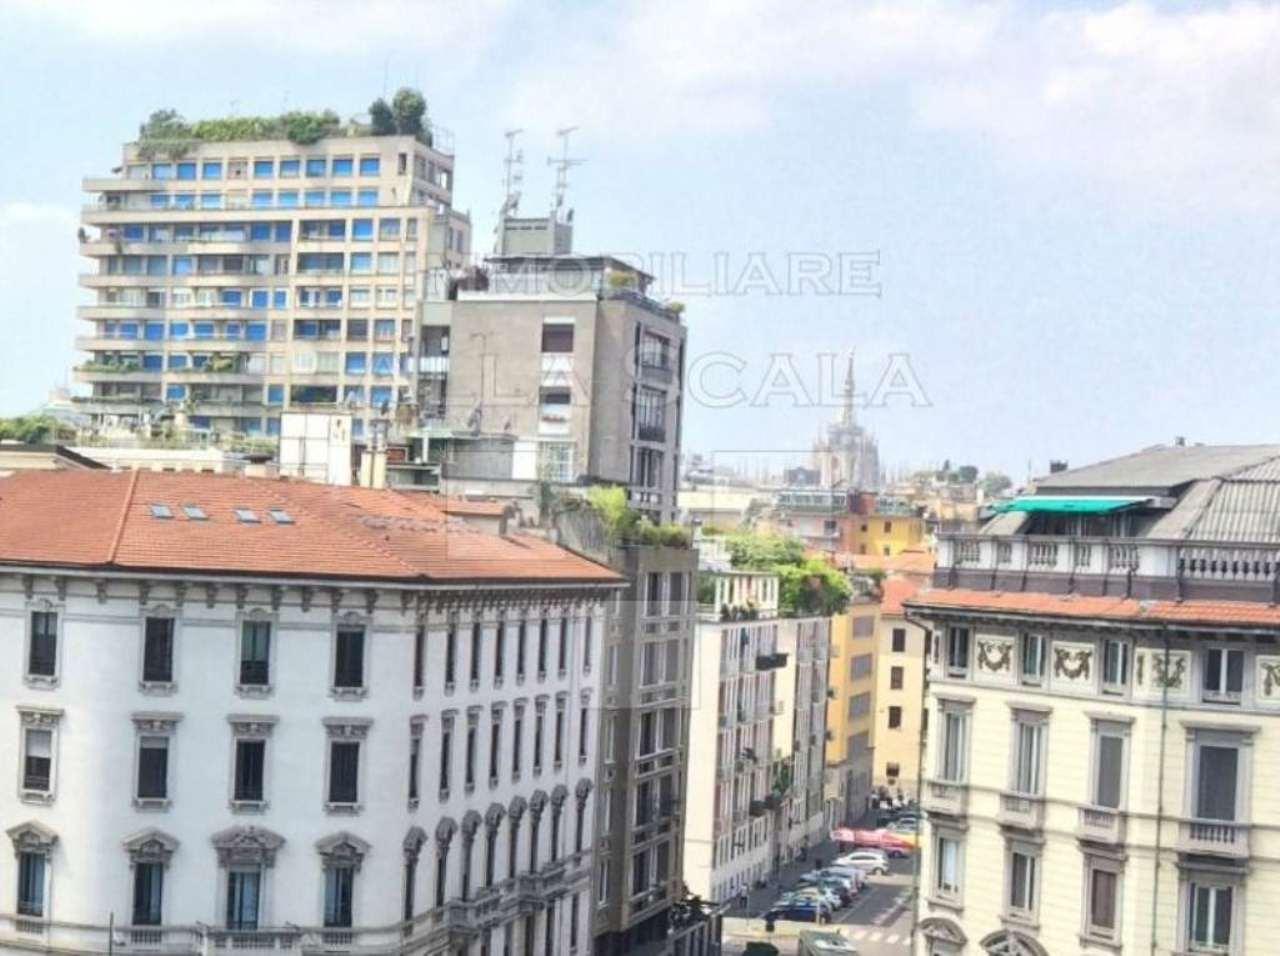 Appartamenti Quadrilocali In Vendita A Milano Cambiocasait